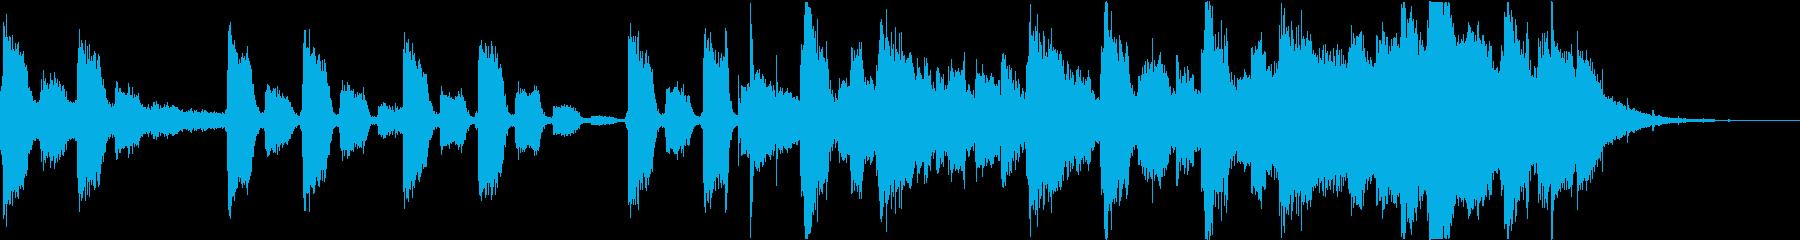 おしゃれコーポレートコマーシャルEDMcの再生済みの波形